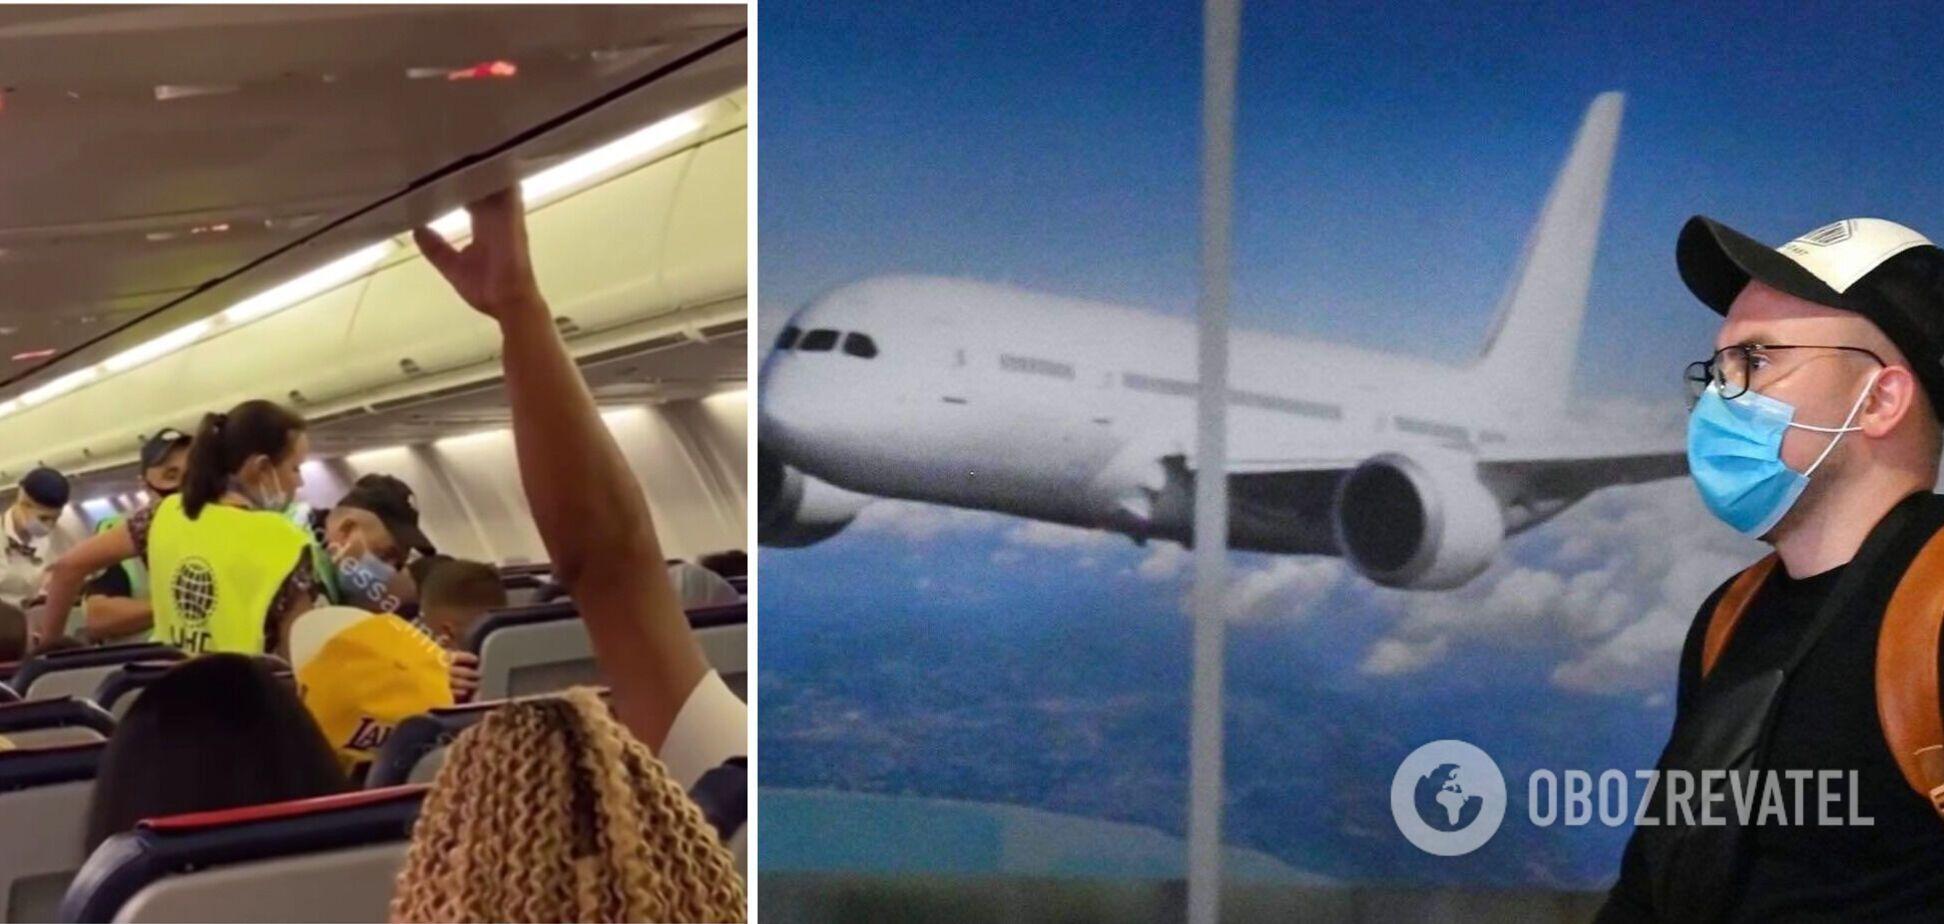 Чоловік відмовився надіти маску в літаку рейсу Одеса-Анталія і поплатився. Відео